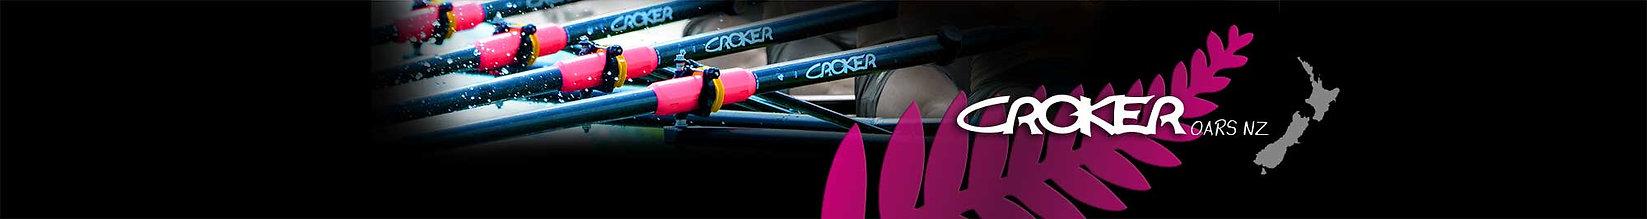 Croker Oars NZ